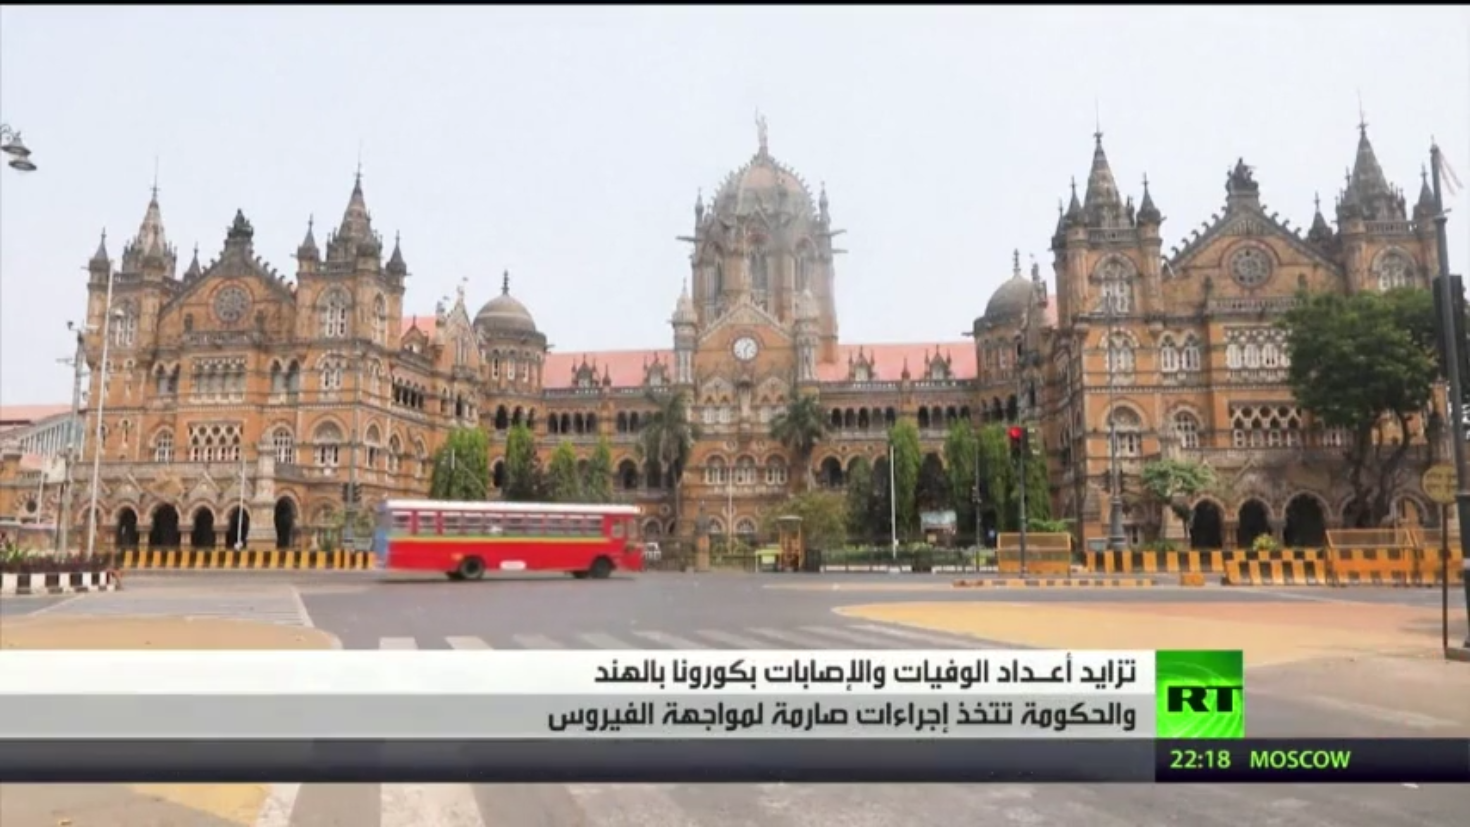 أكثر من 4 آلاف إصابة بكورونا في الهند